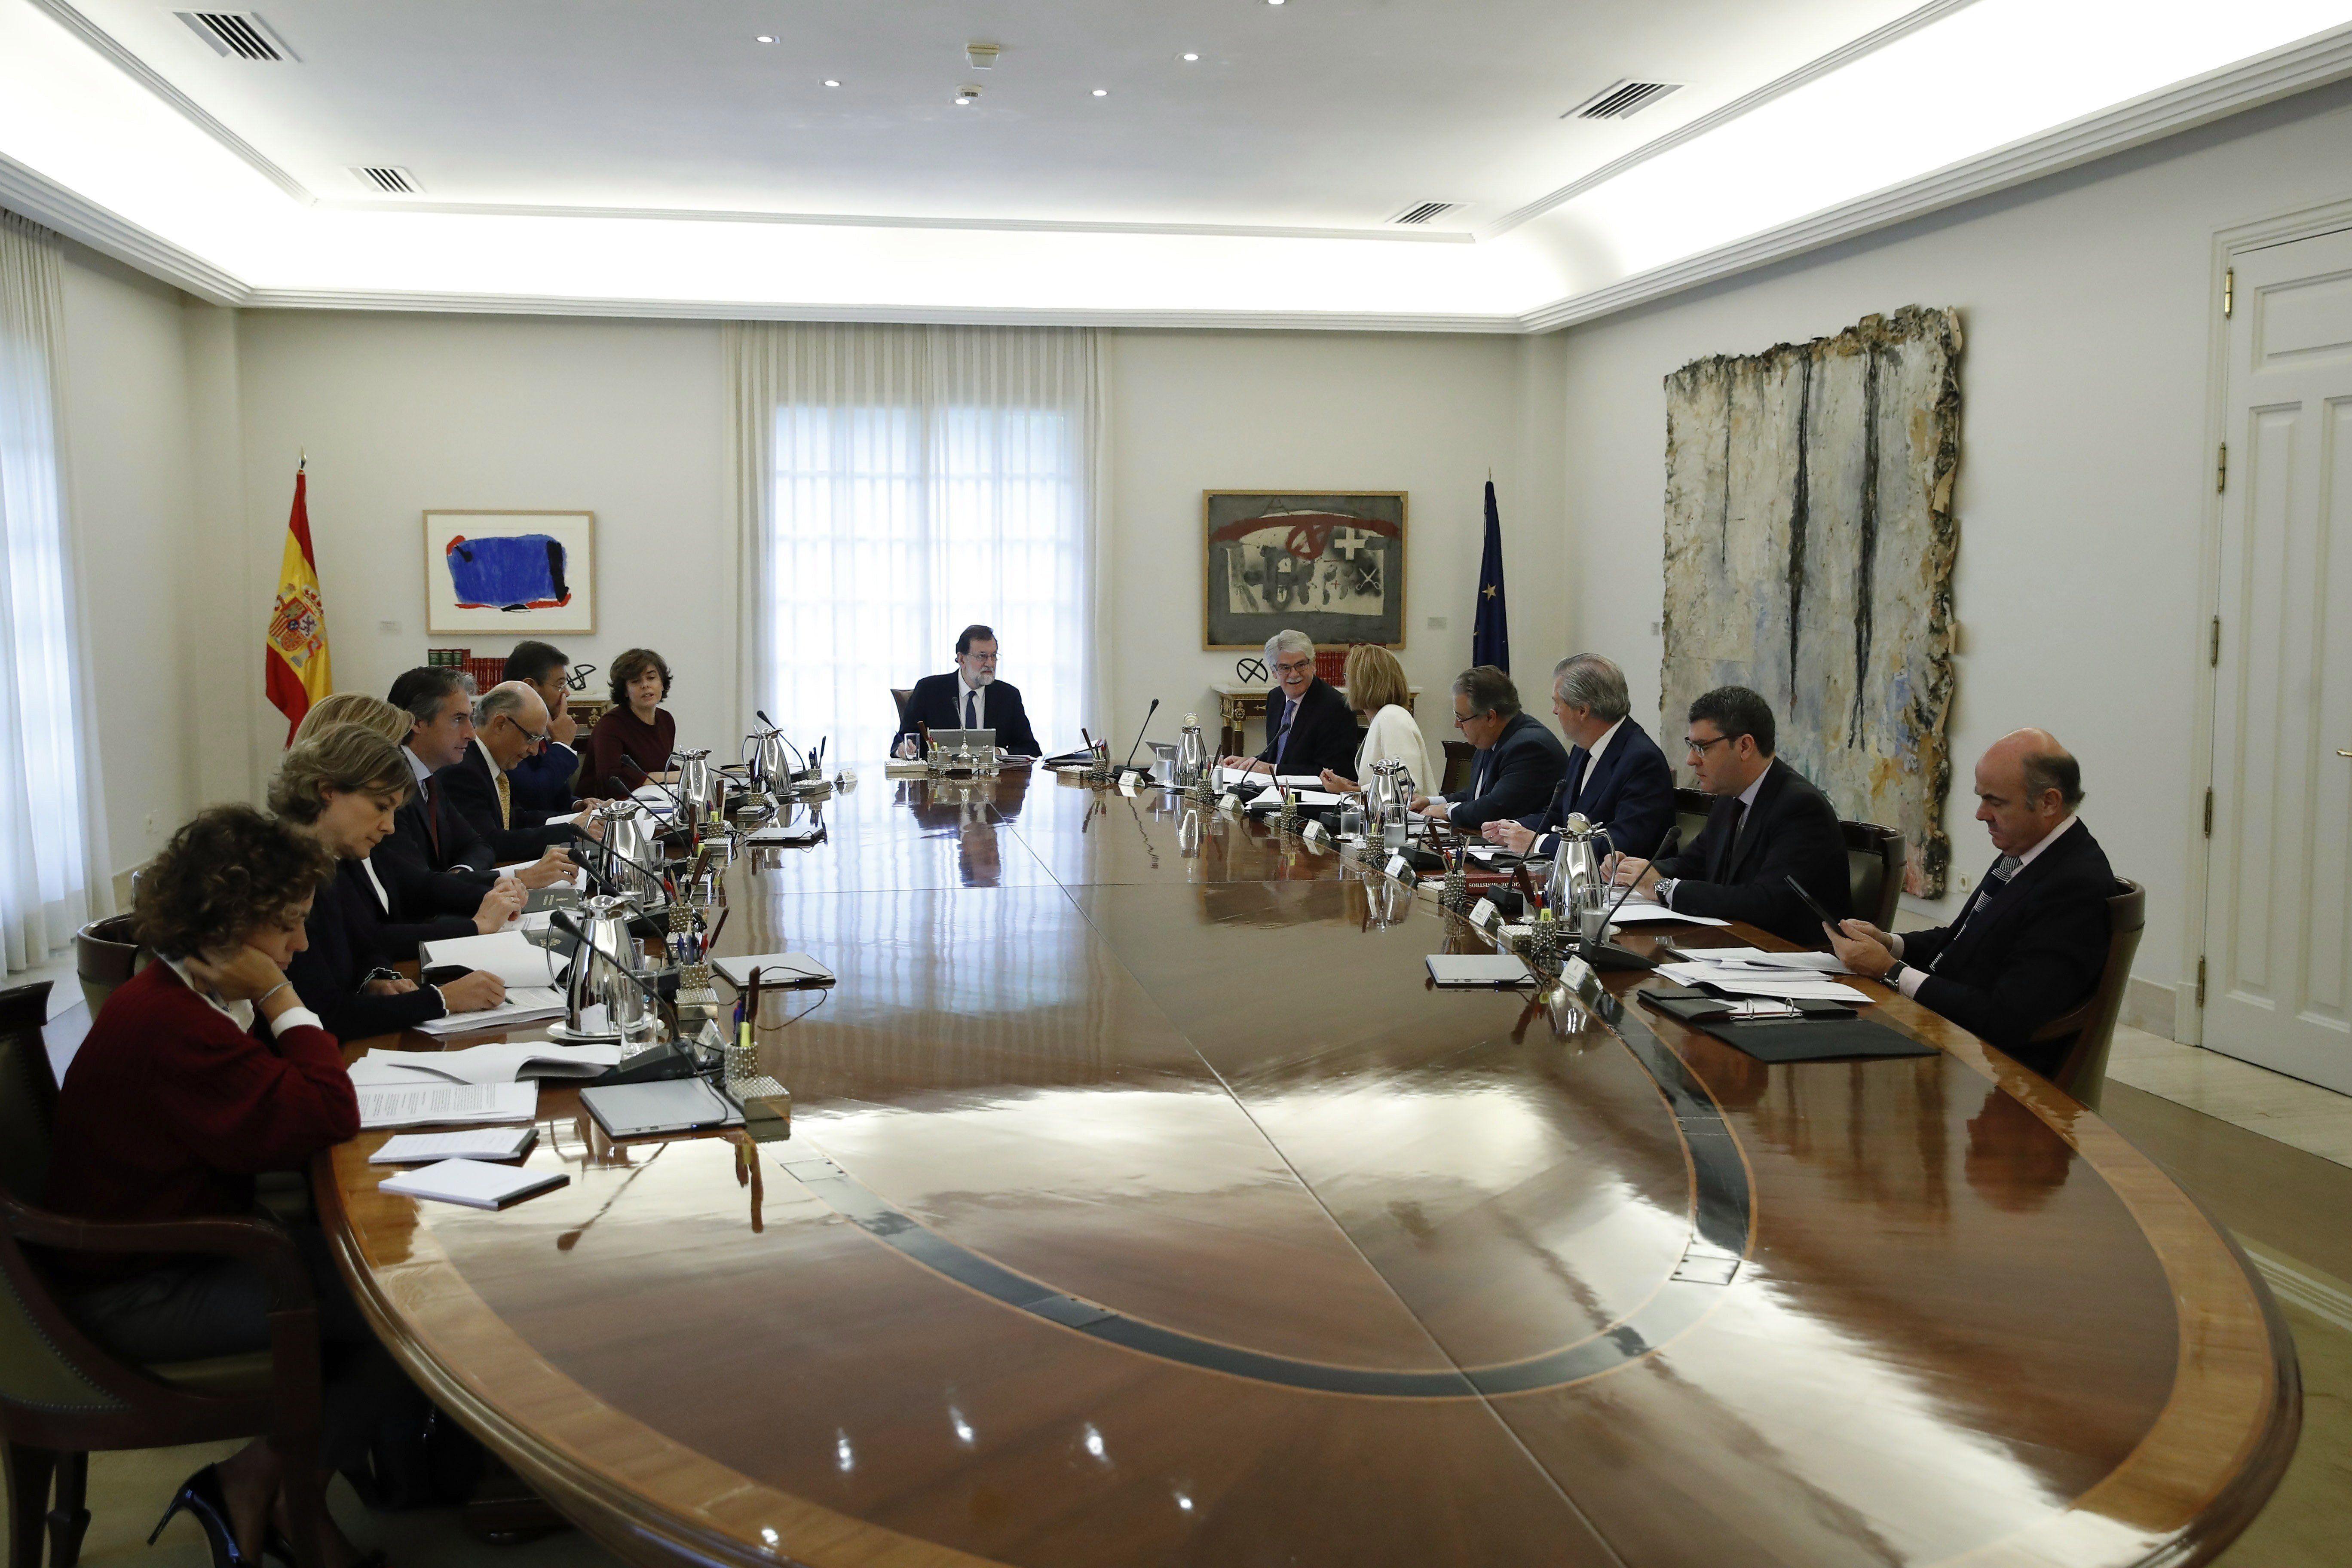 Madrid, 2017. október 21. Mariano Rajoy spanyol miniszterelnök (K) rendkívüli kormányülést tart Madridban 2017. október 21-én. A spanyol kormány végleges döntést készül hozni arról, hogy a katalán függetlenségi törekvésekkel kapcsolatban milyen intézkedéseket terjeszt be a parlament felsőházának az alkotmány 155-ös cikkére hivatkozva.(MTI/EPApool/Juan Carlos Hidalgo)